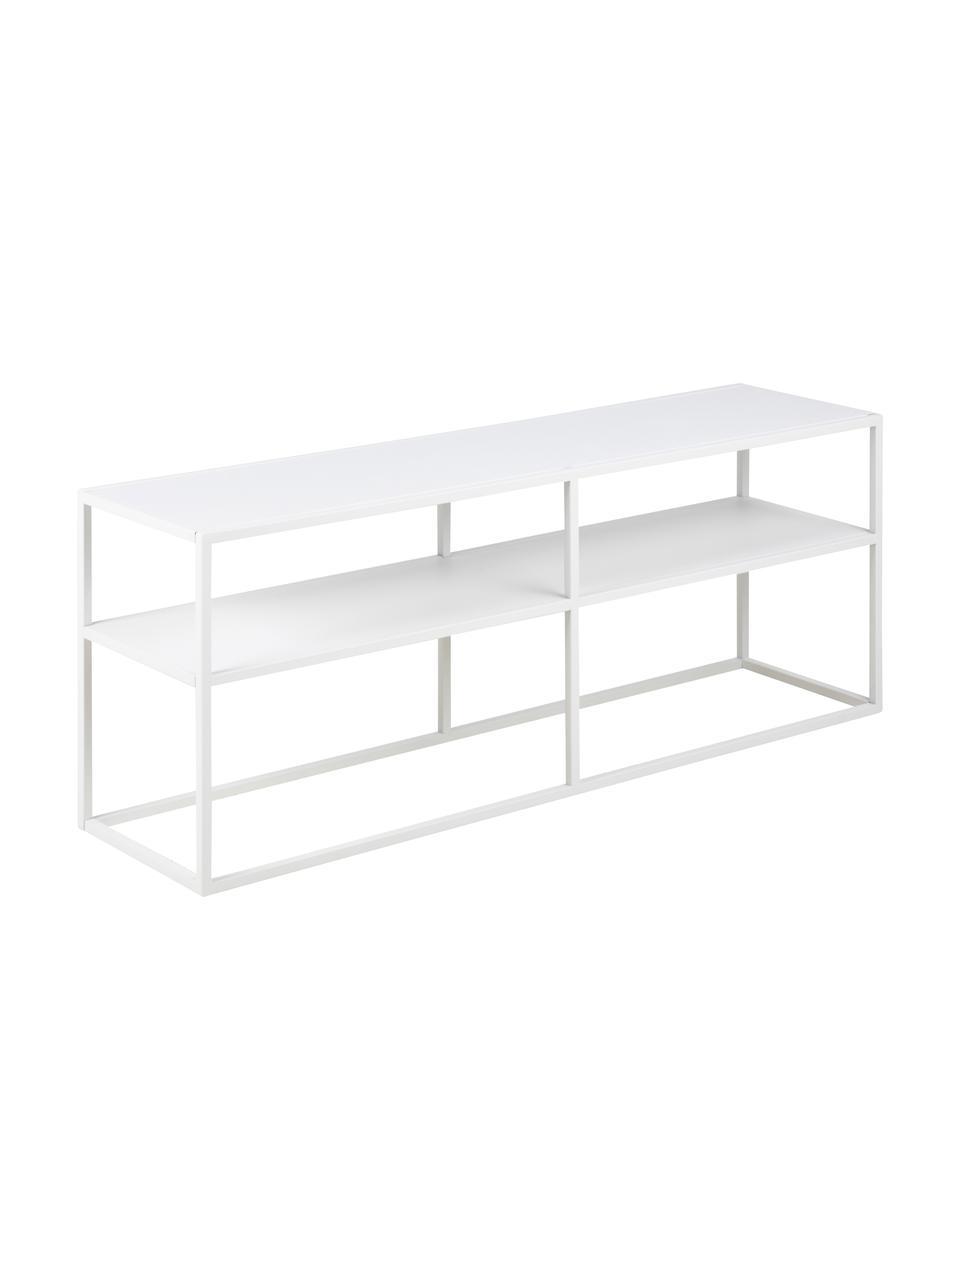 Weißes Metall-Lowboard Newton mit Ablageflächen, Metall, pulverbeschichtet, Weiß, 120 x 46 cm